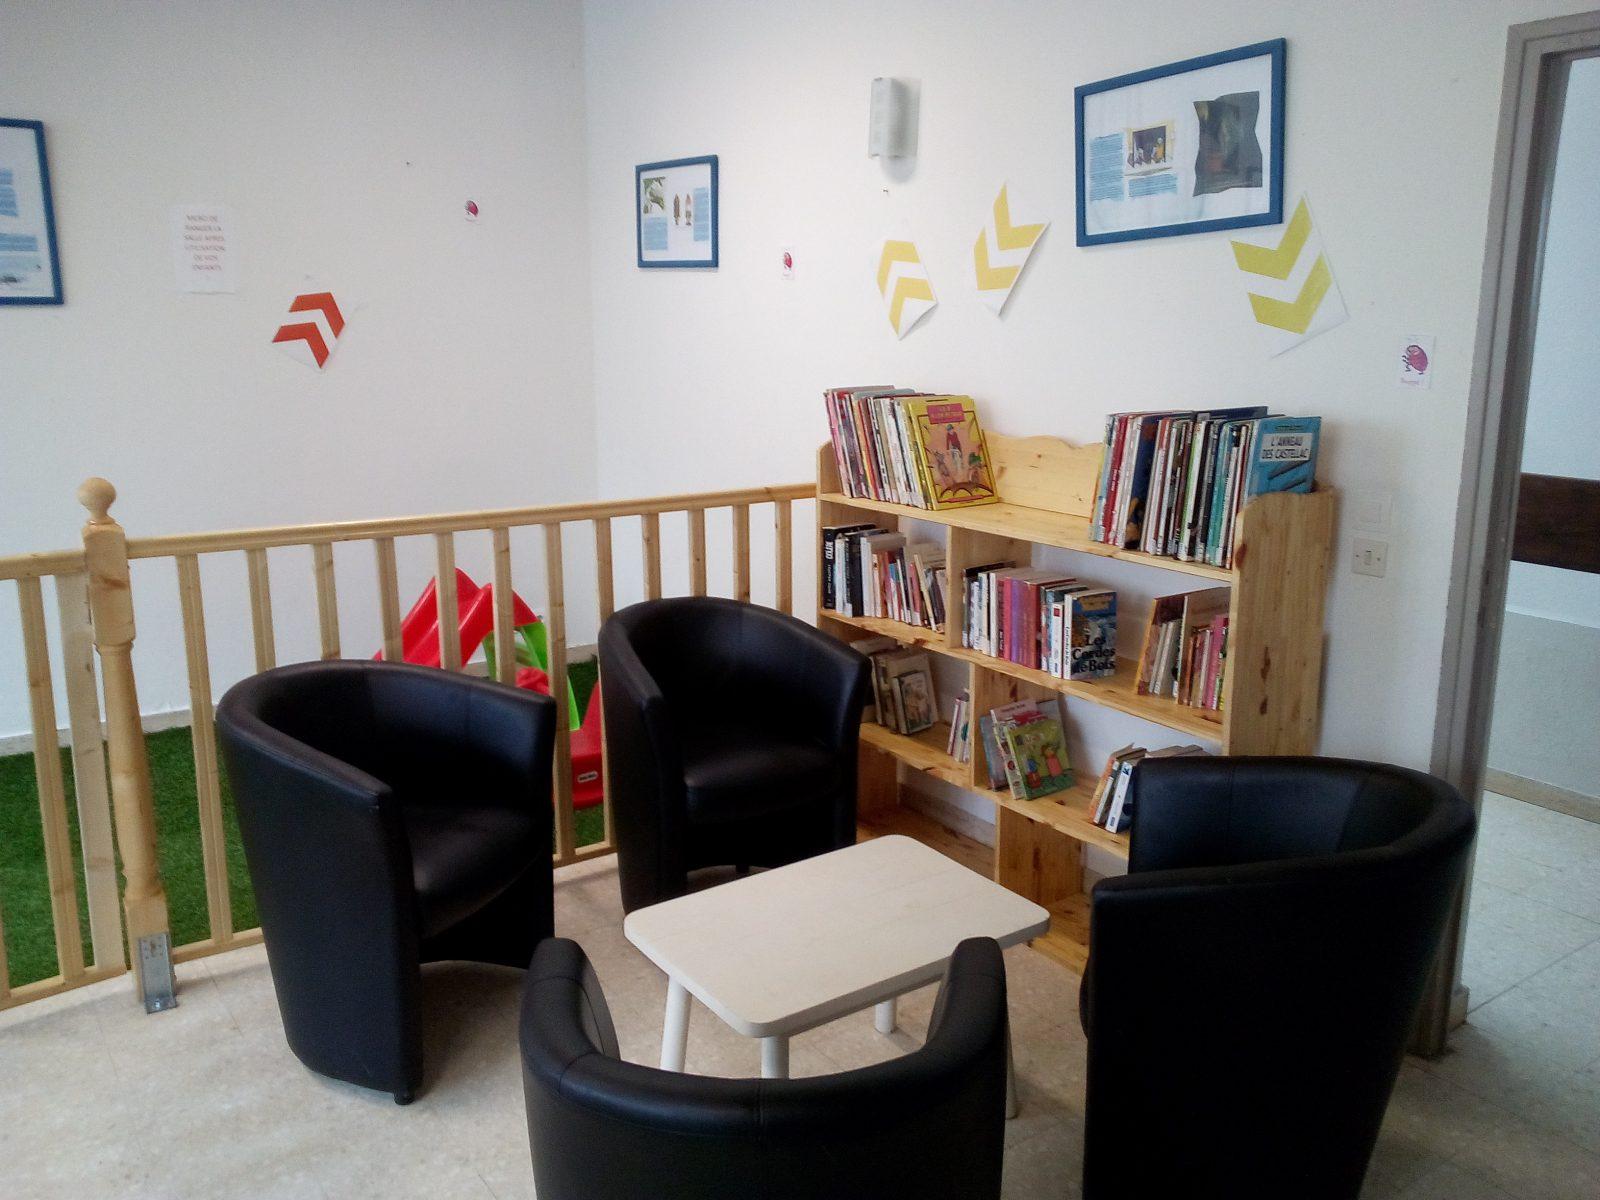 Espace 0-3 ans et bibiliothèque